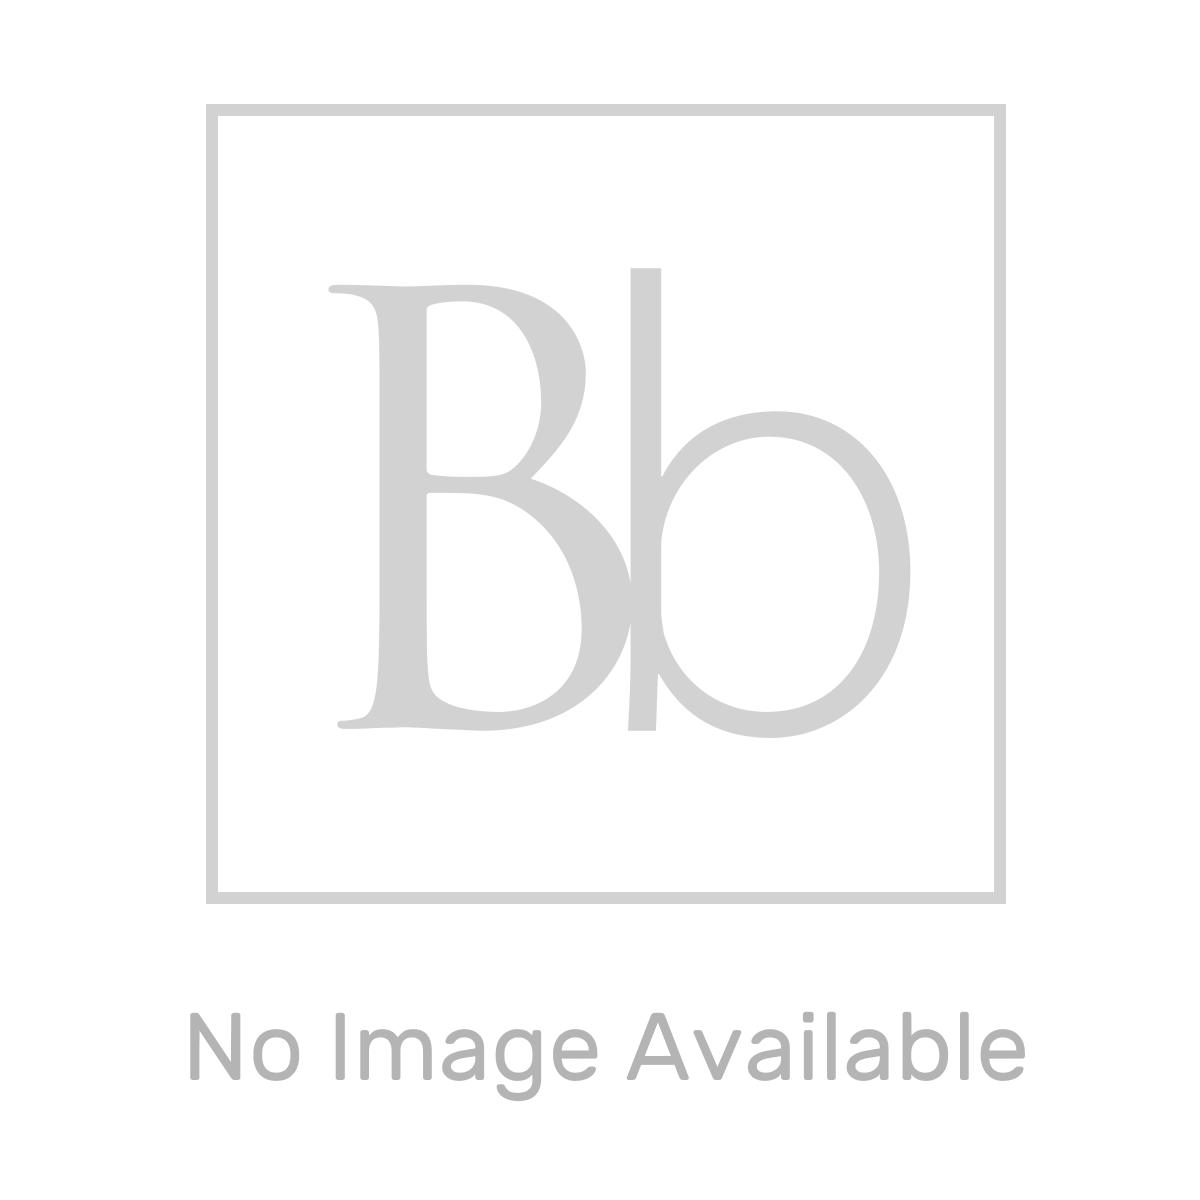 Nuie Athena Grey Avola 2 Door Floor Standing Vanity Unit with 18mm Worktop 500mm Line Drawing